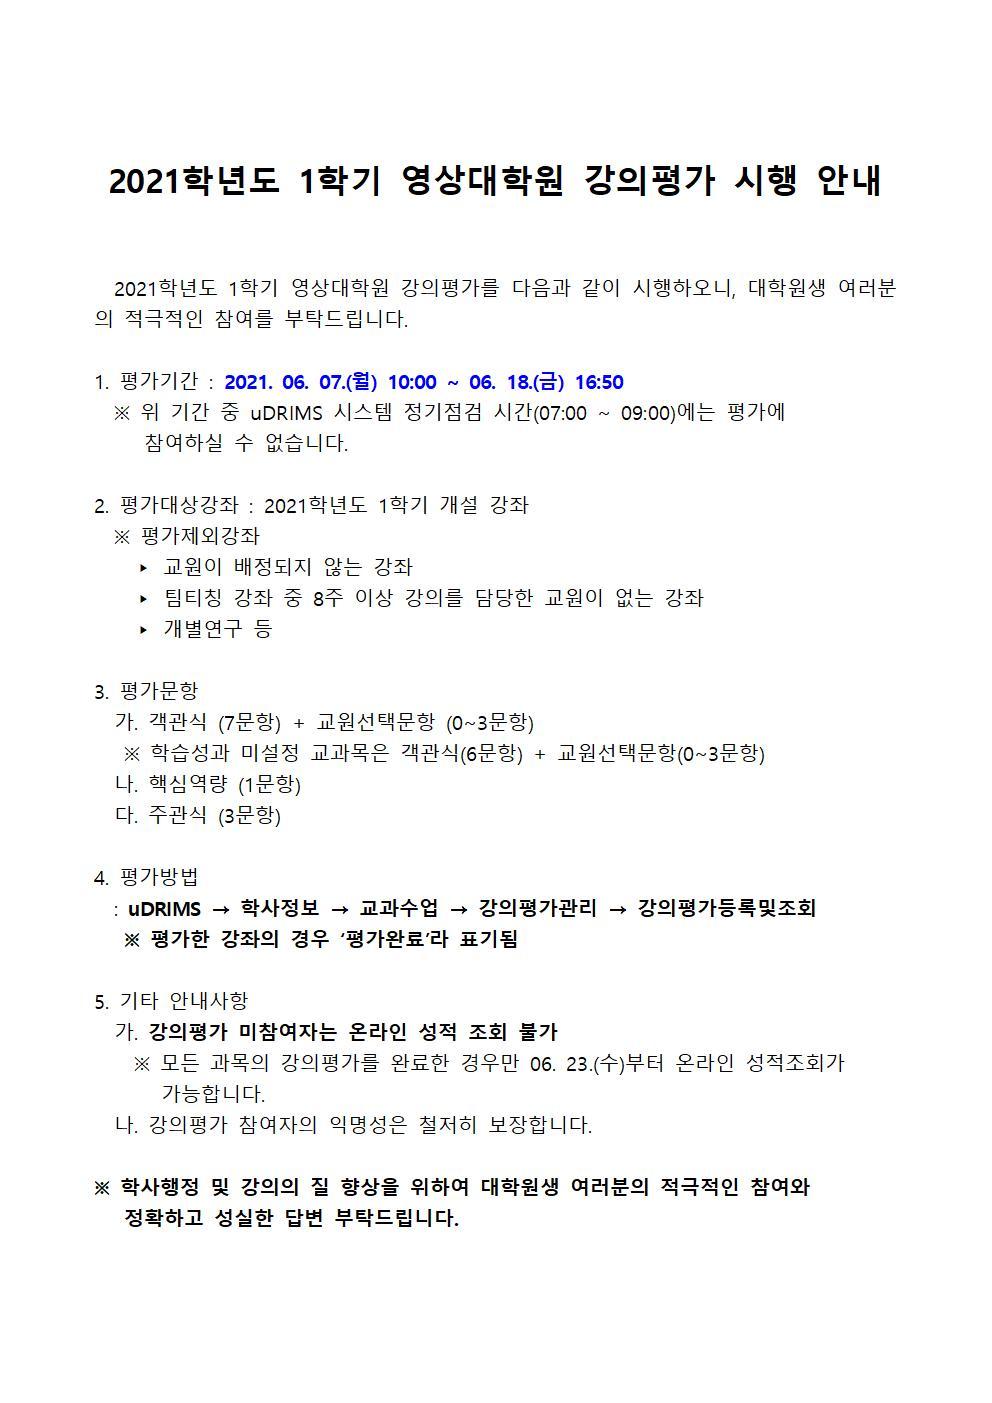 2021-1학기 강의평가 시행 안내문001